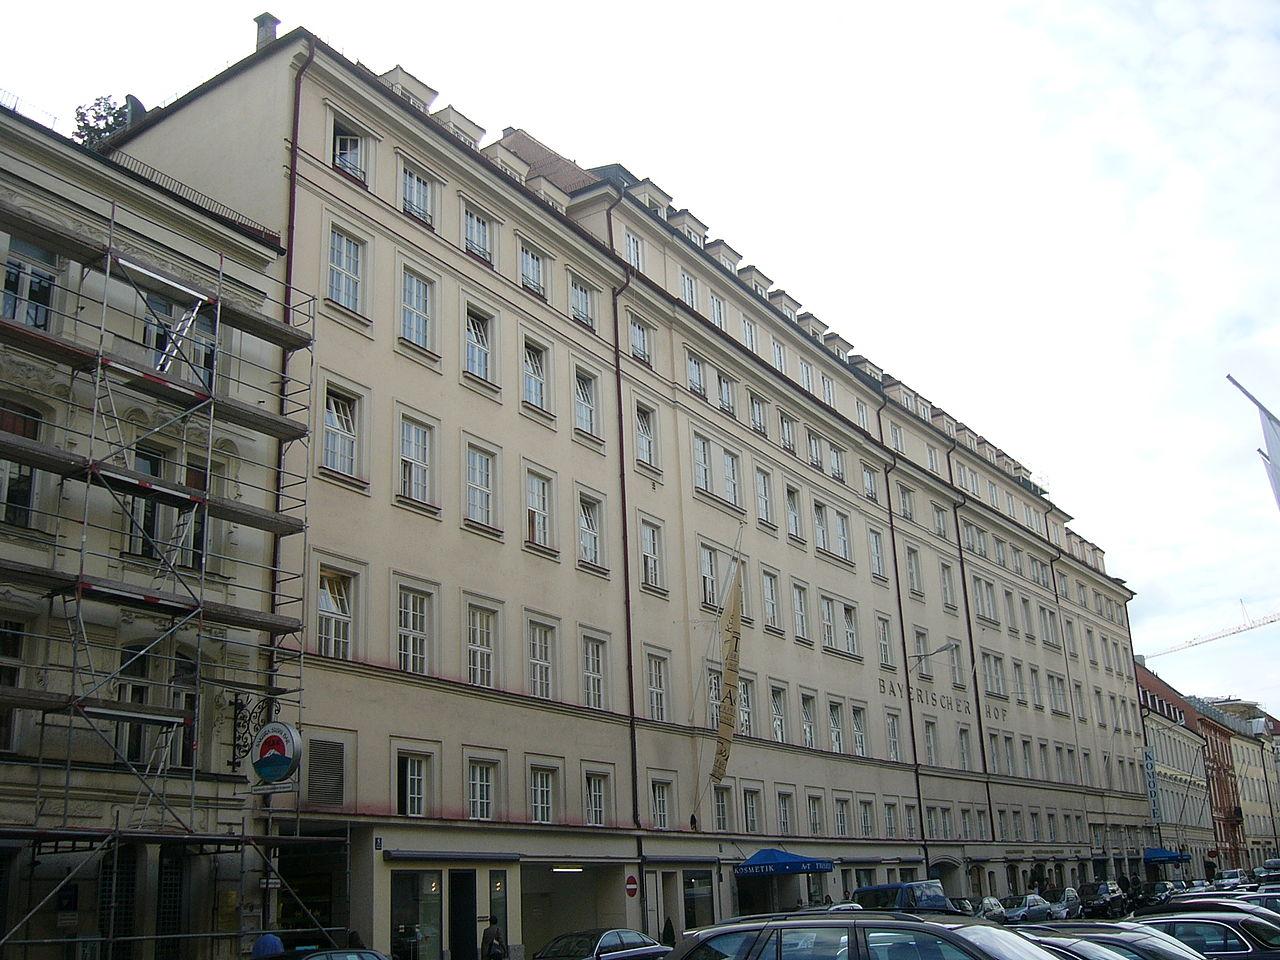 Hotel Bayerischer Hof Burghausen Speisekarte